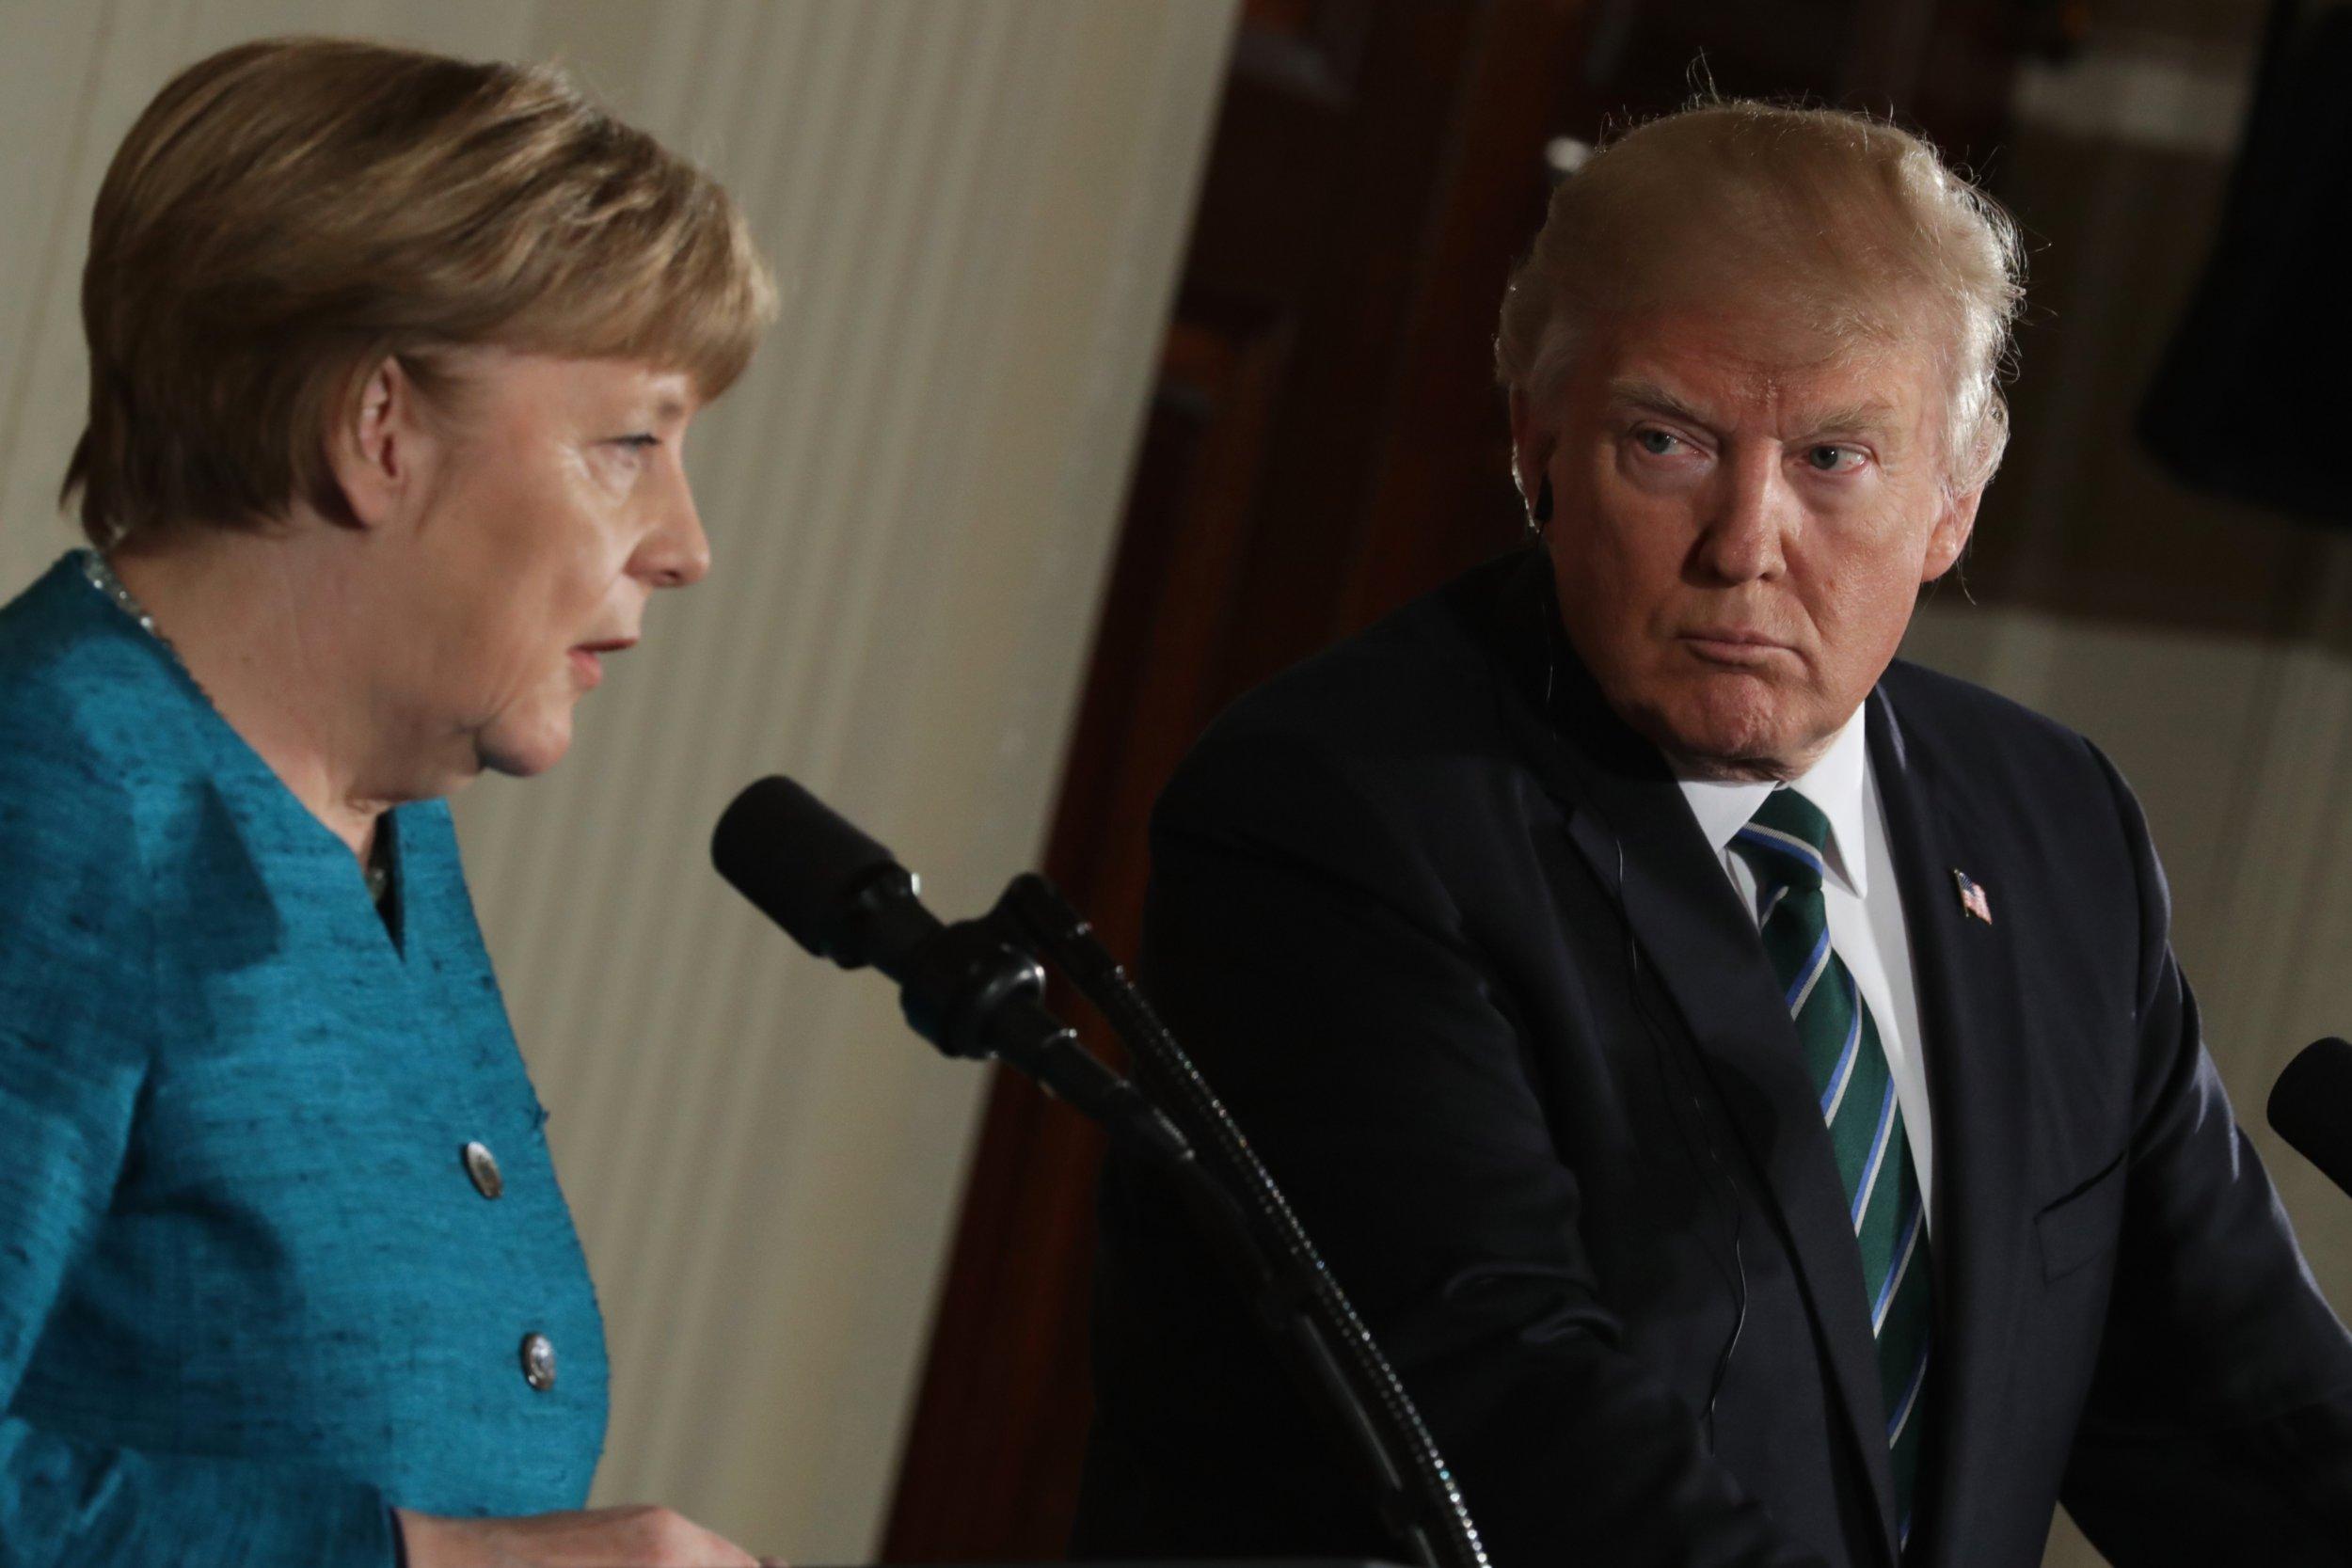 03_26_Merkel_Trump_01